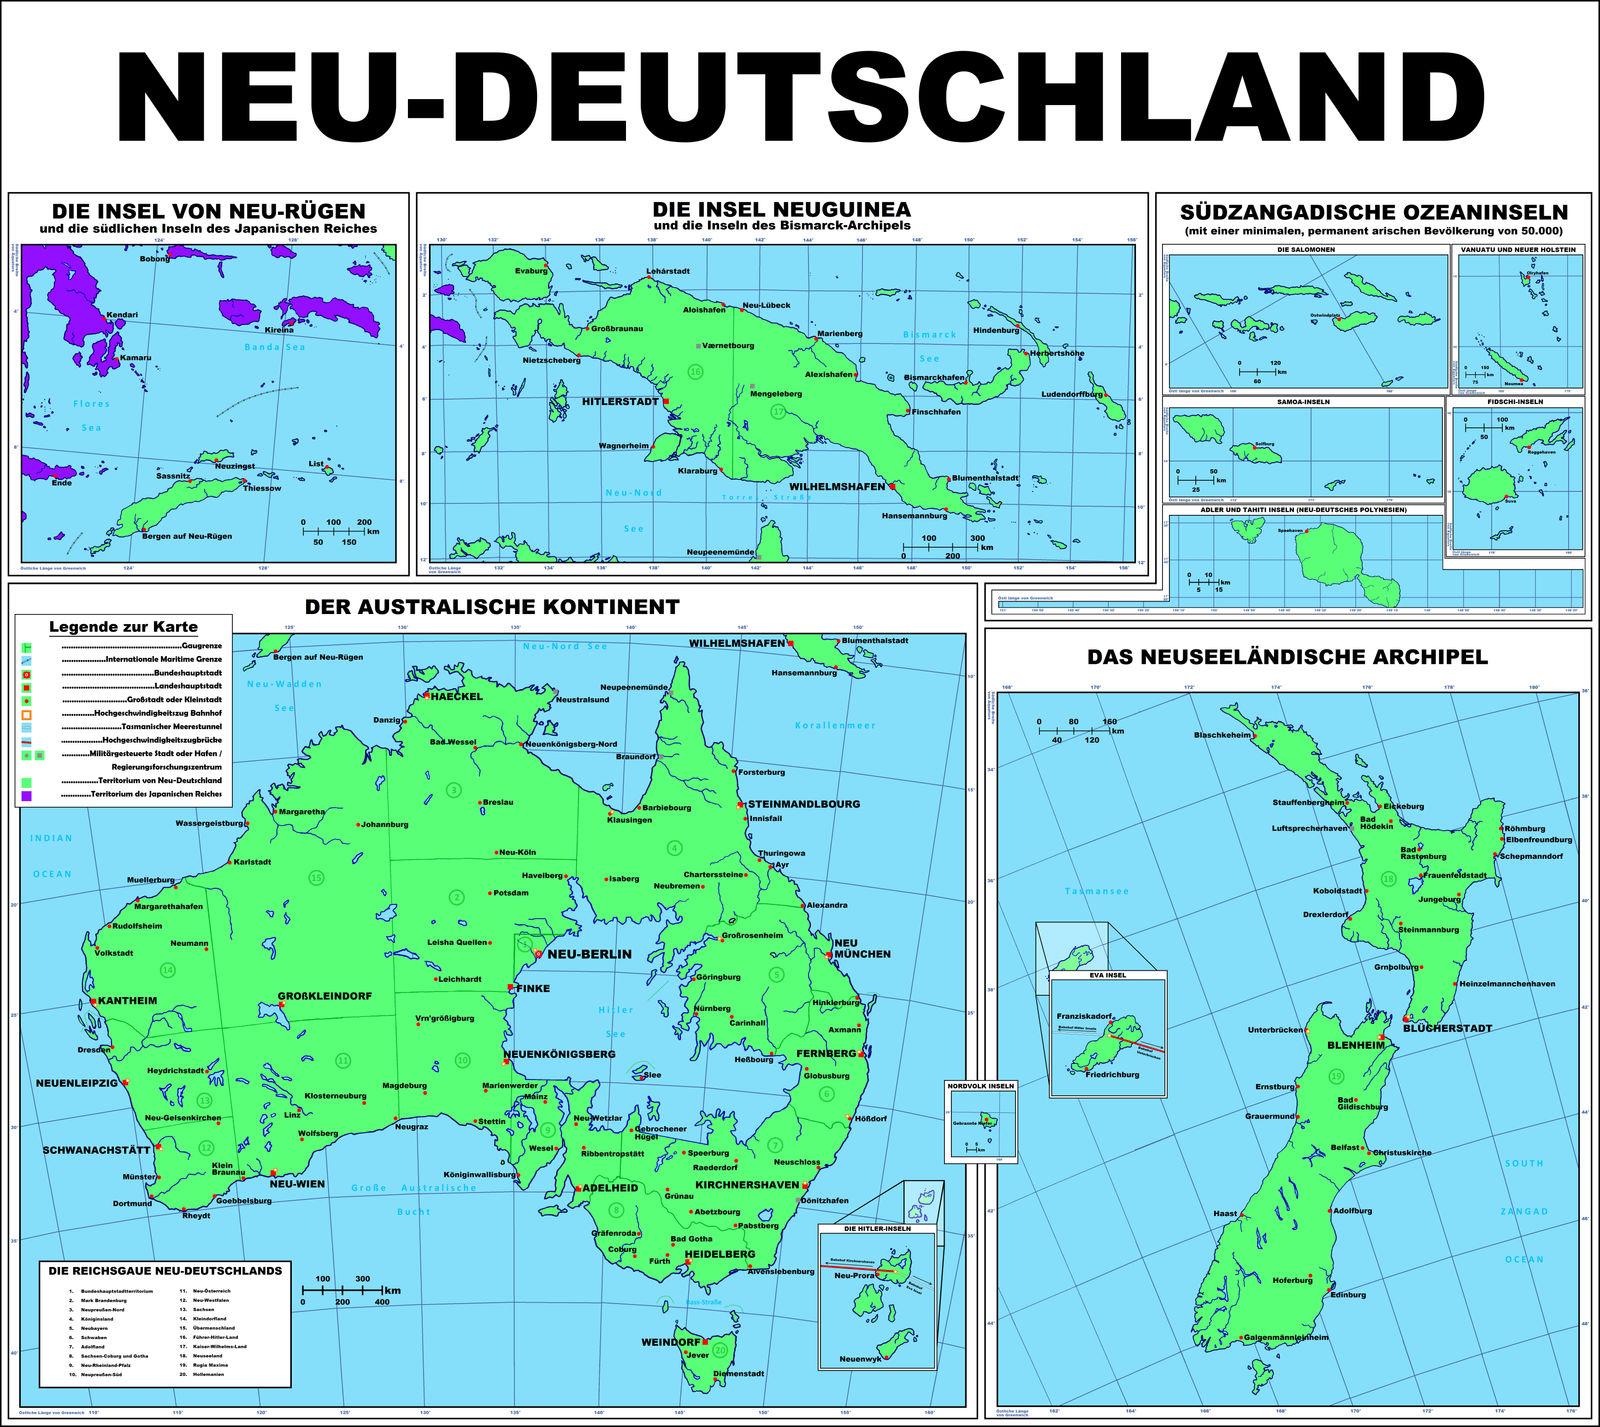 Deutschland neu Seriöse Partnersuche